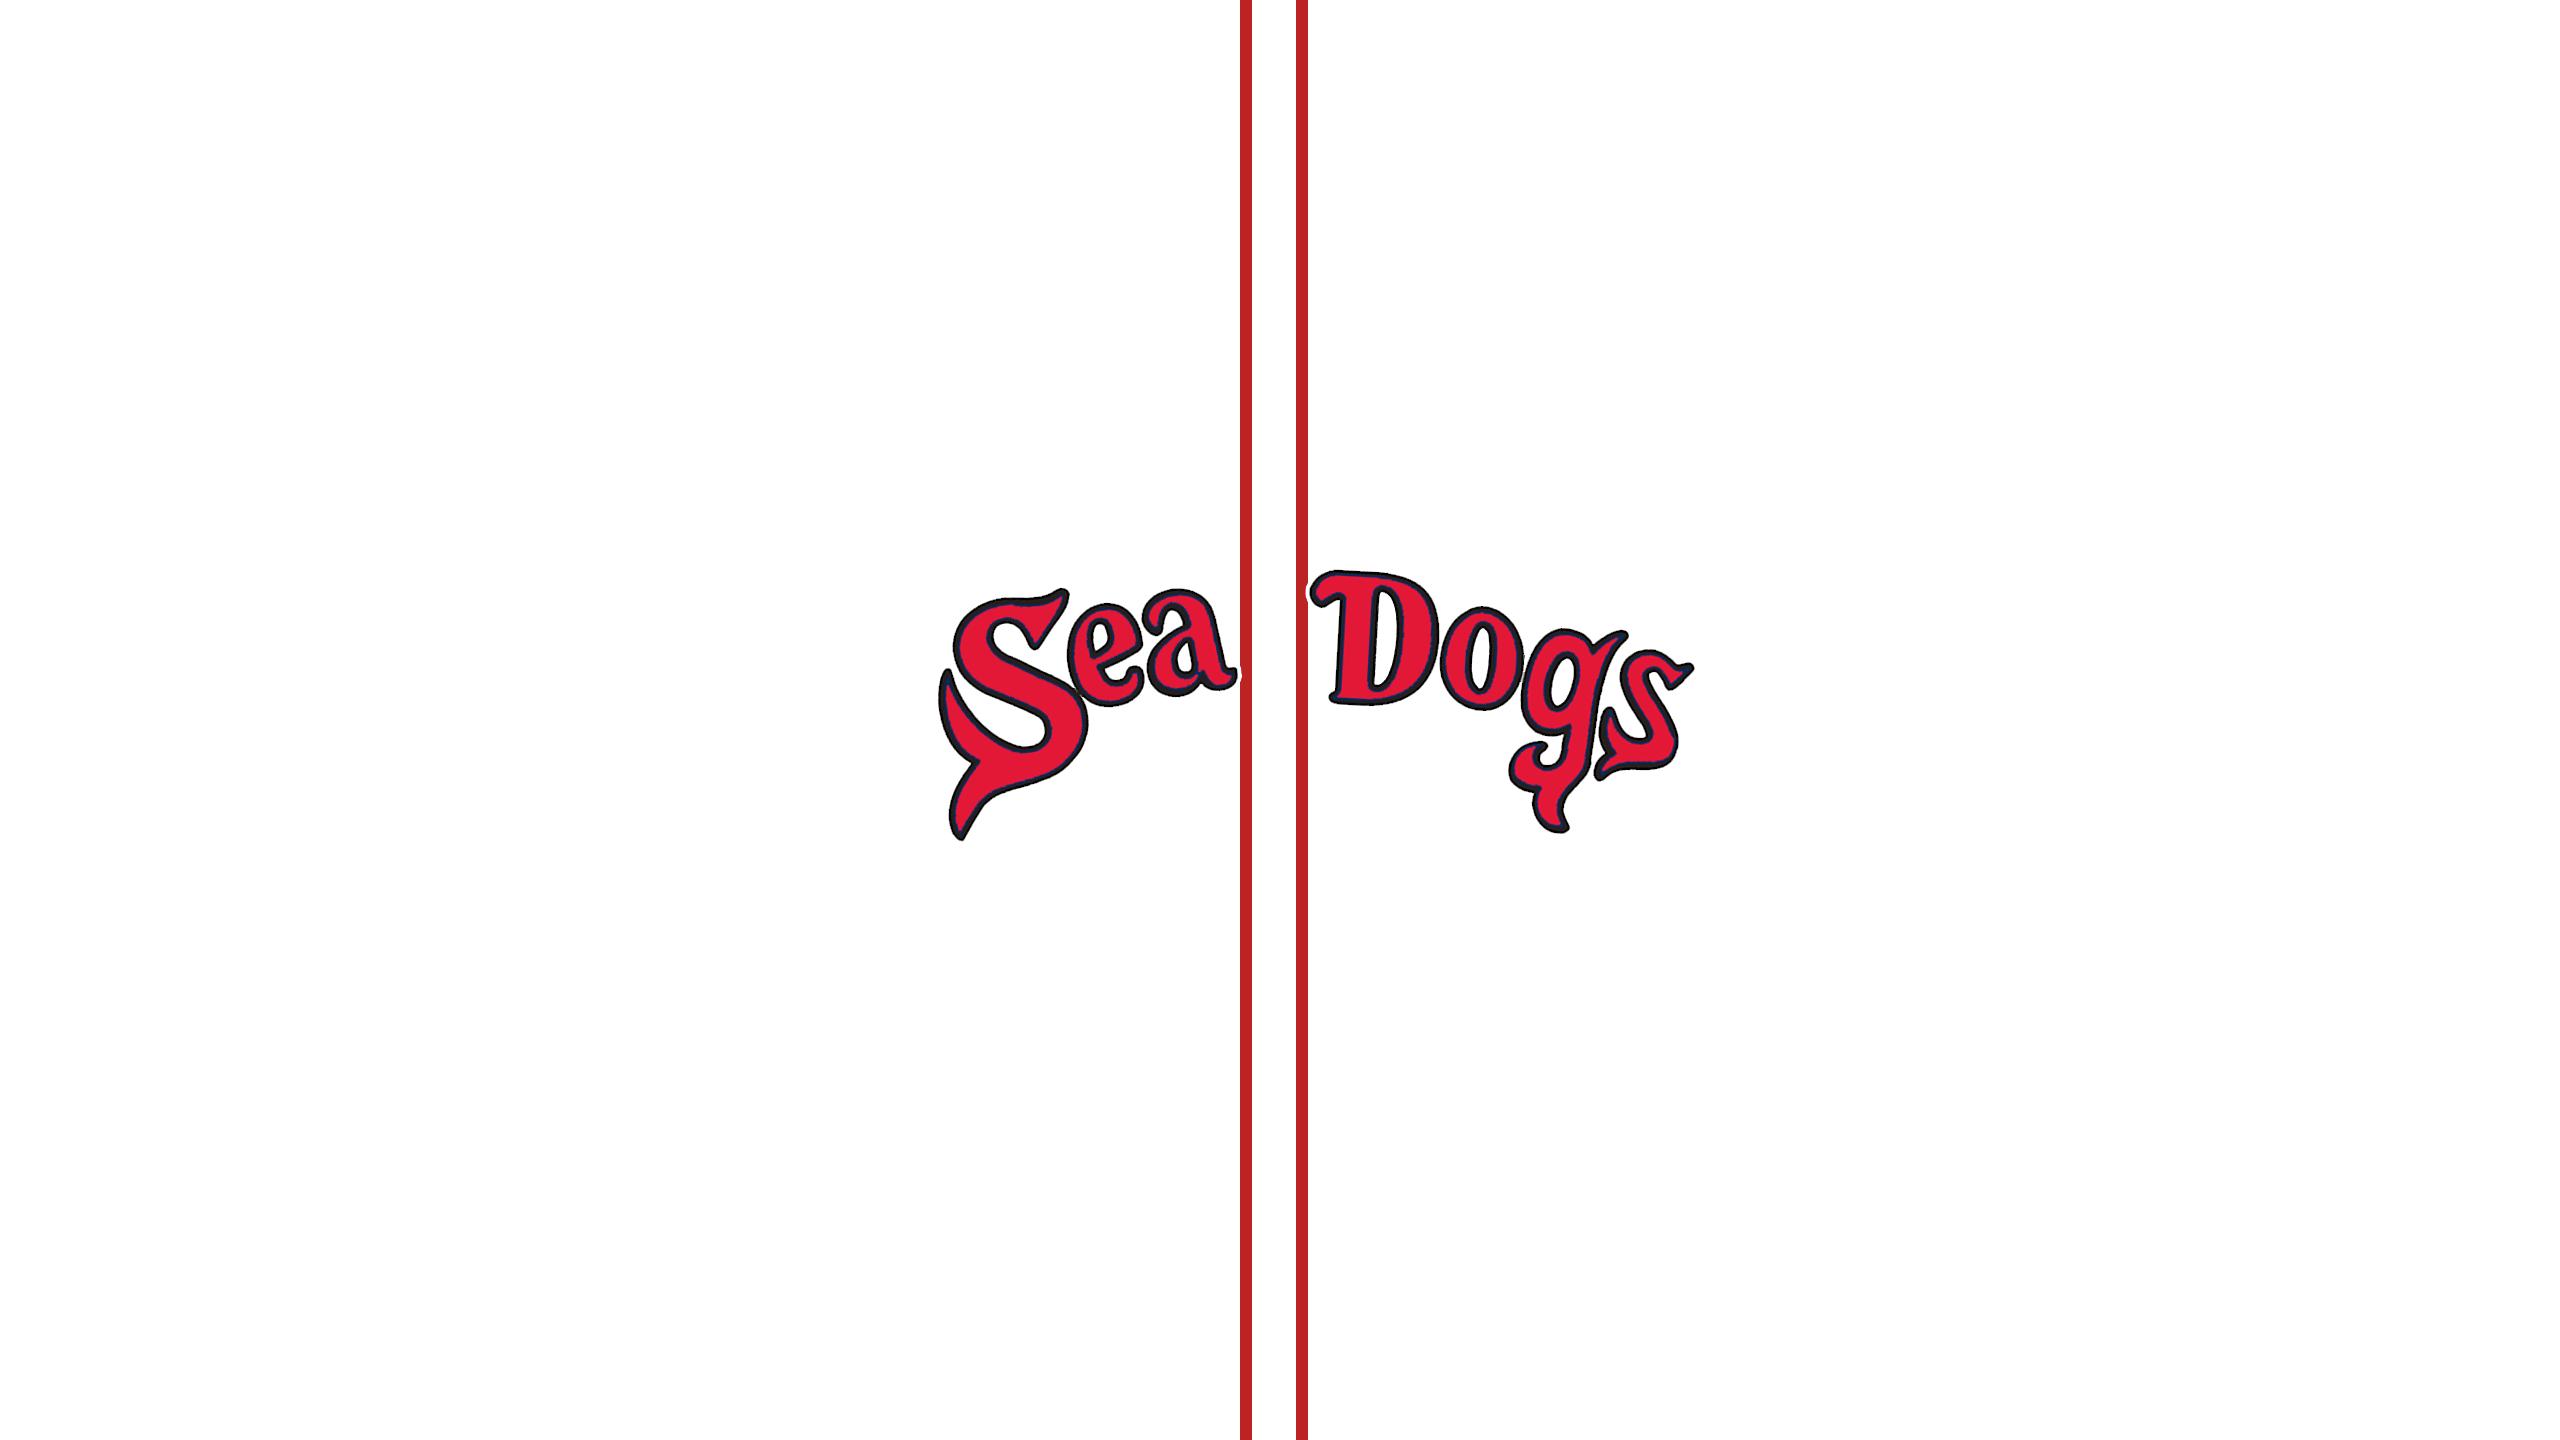 Portland Sea Dogs (Uniform)